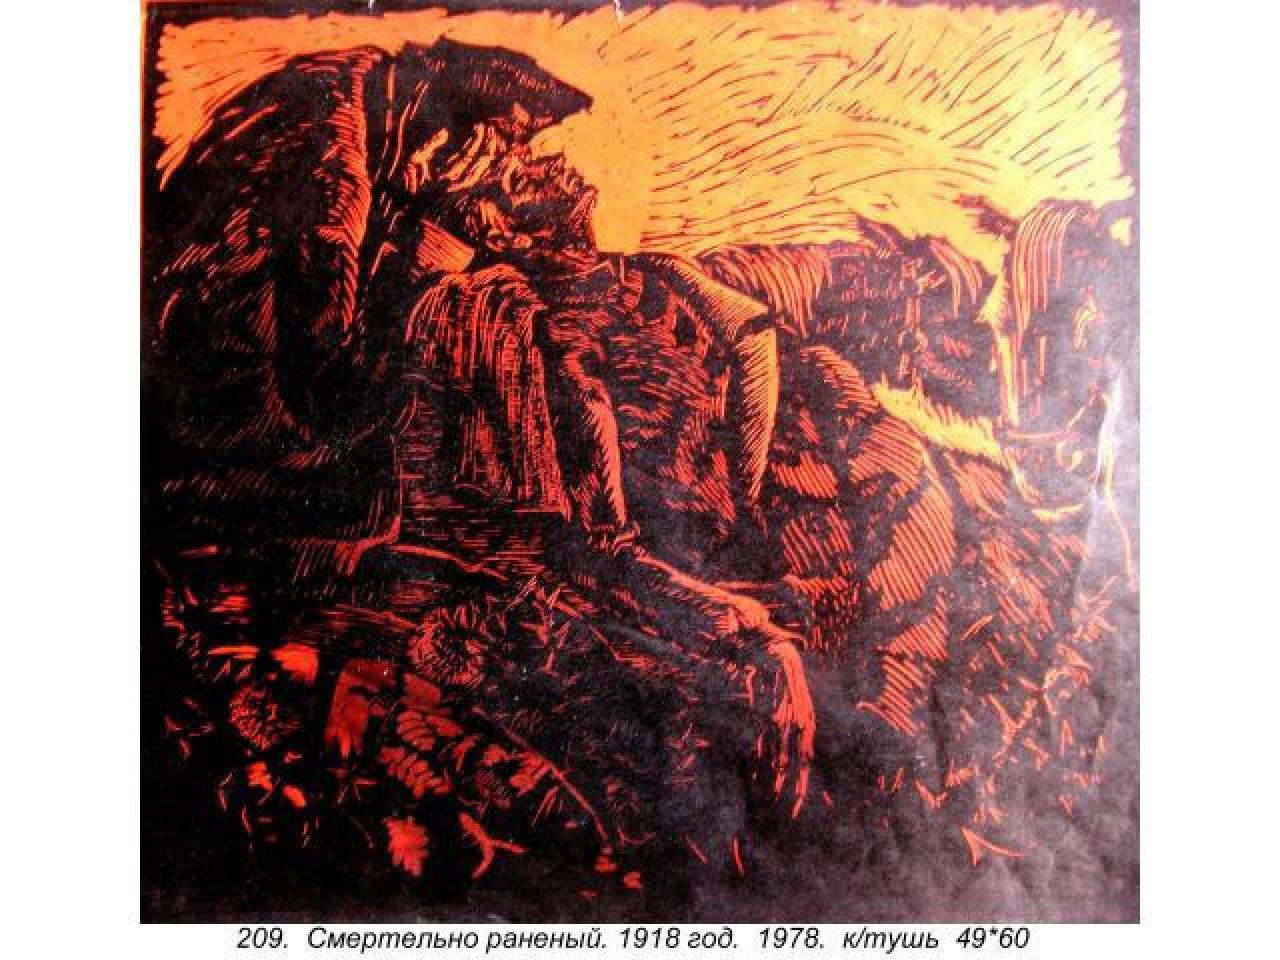 продам живописные картины соцреализма (более 500 шт.) Мальцева П,Н, - 7